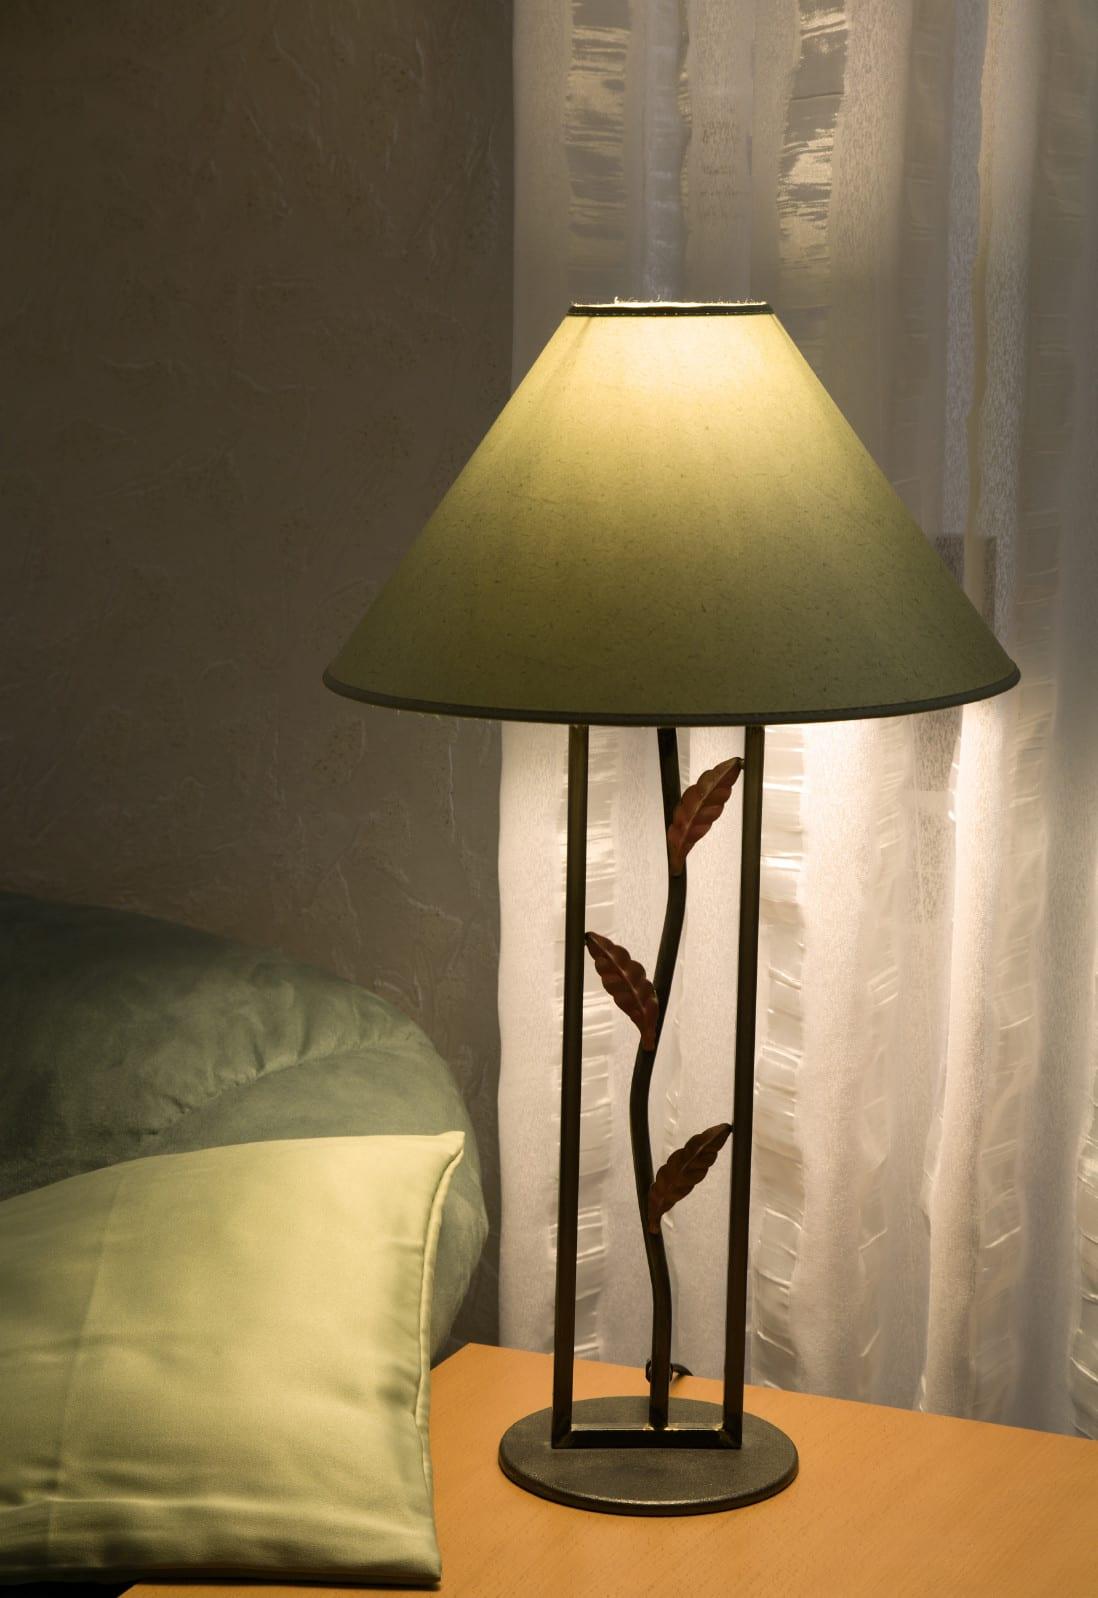 licht idee fürs wohnzimmer mit tischlampe als dezente wohnzimmerbeleuchtung